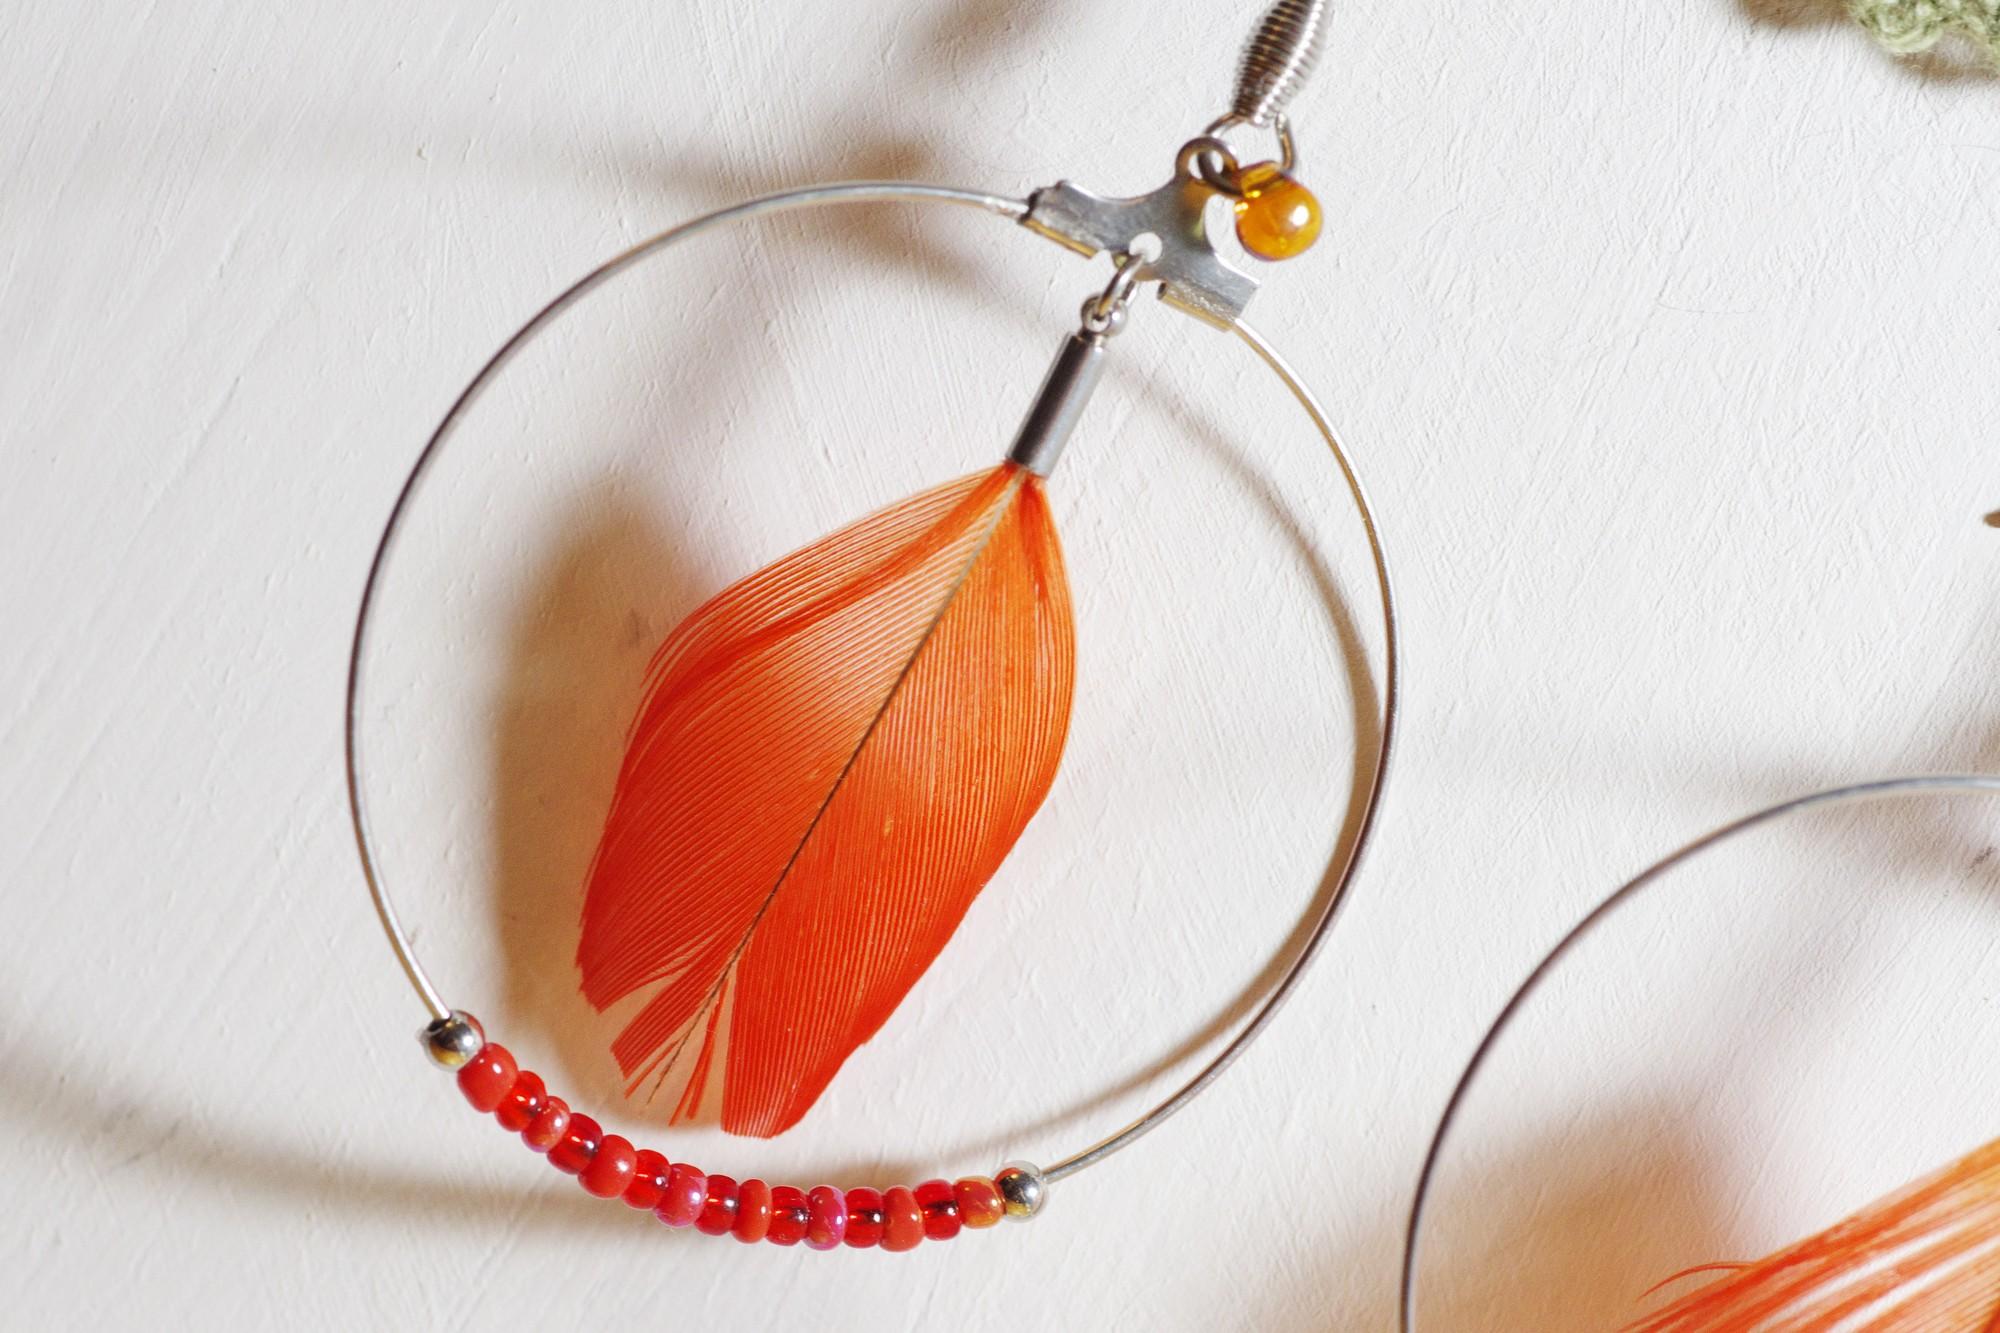 gros plan d'une boucle d'oreille rouge : plume rouge dans un anneau en inox, petites perles rouges en bas de l'anneau